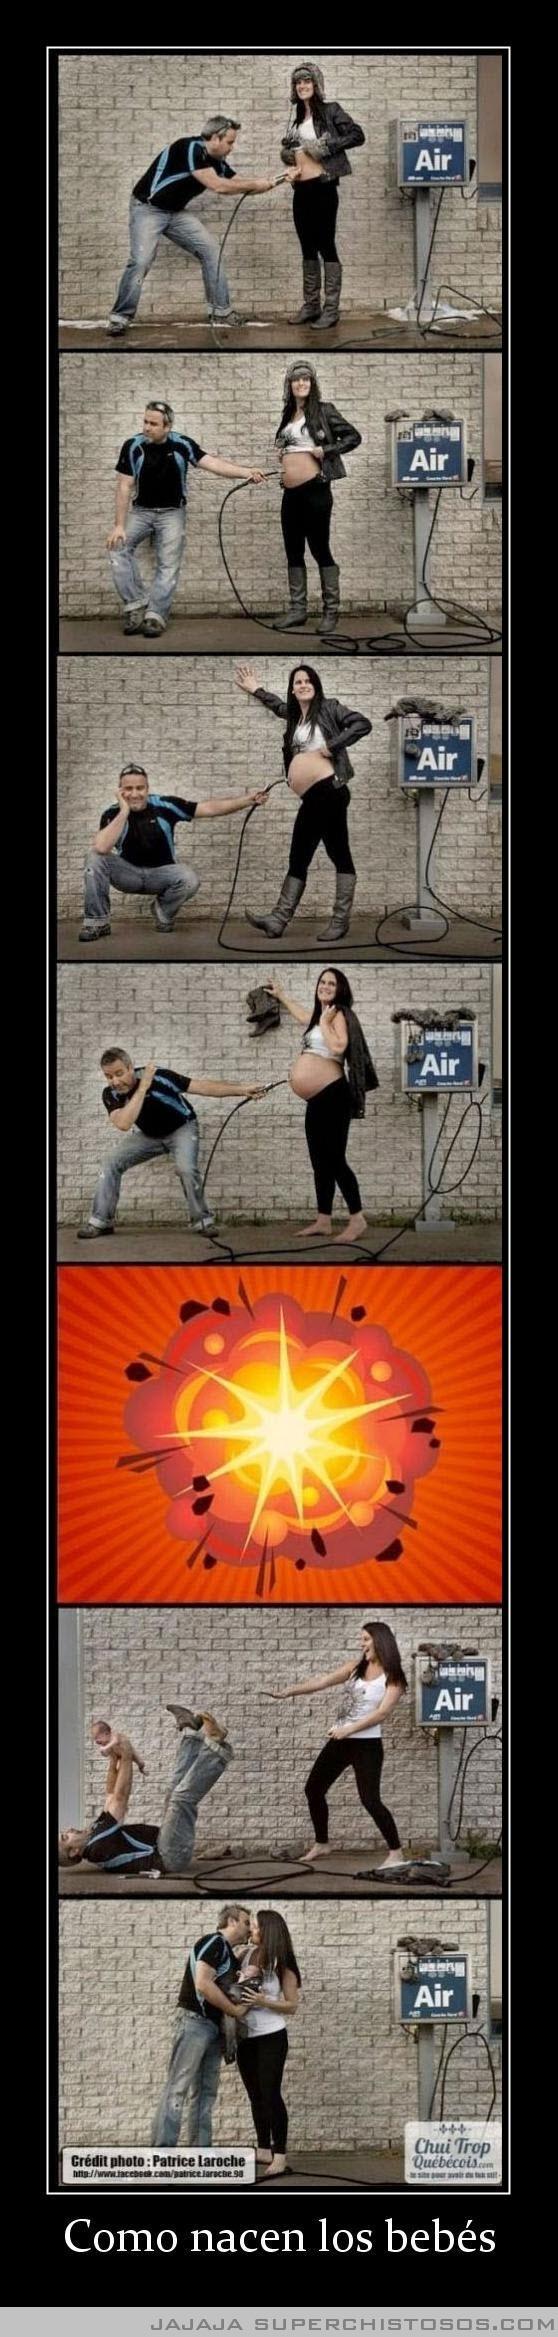 Como nacen los bebés